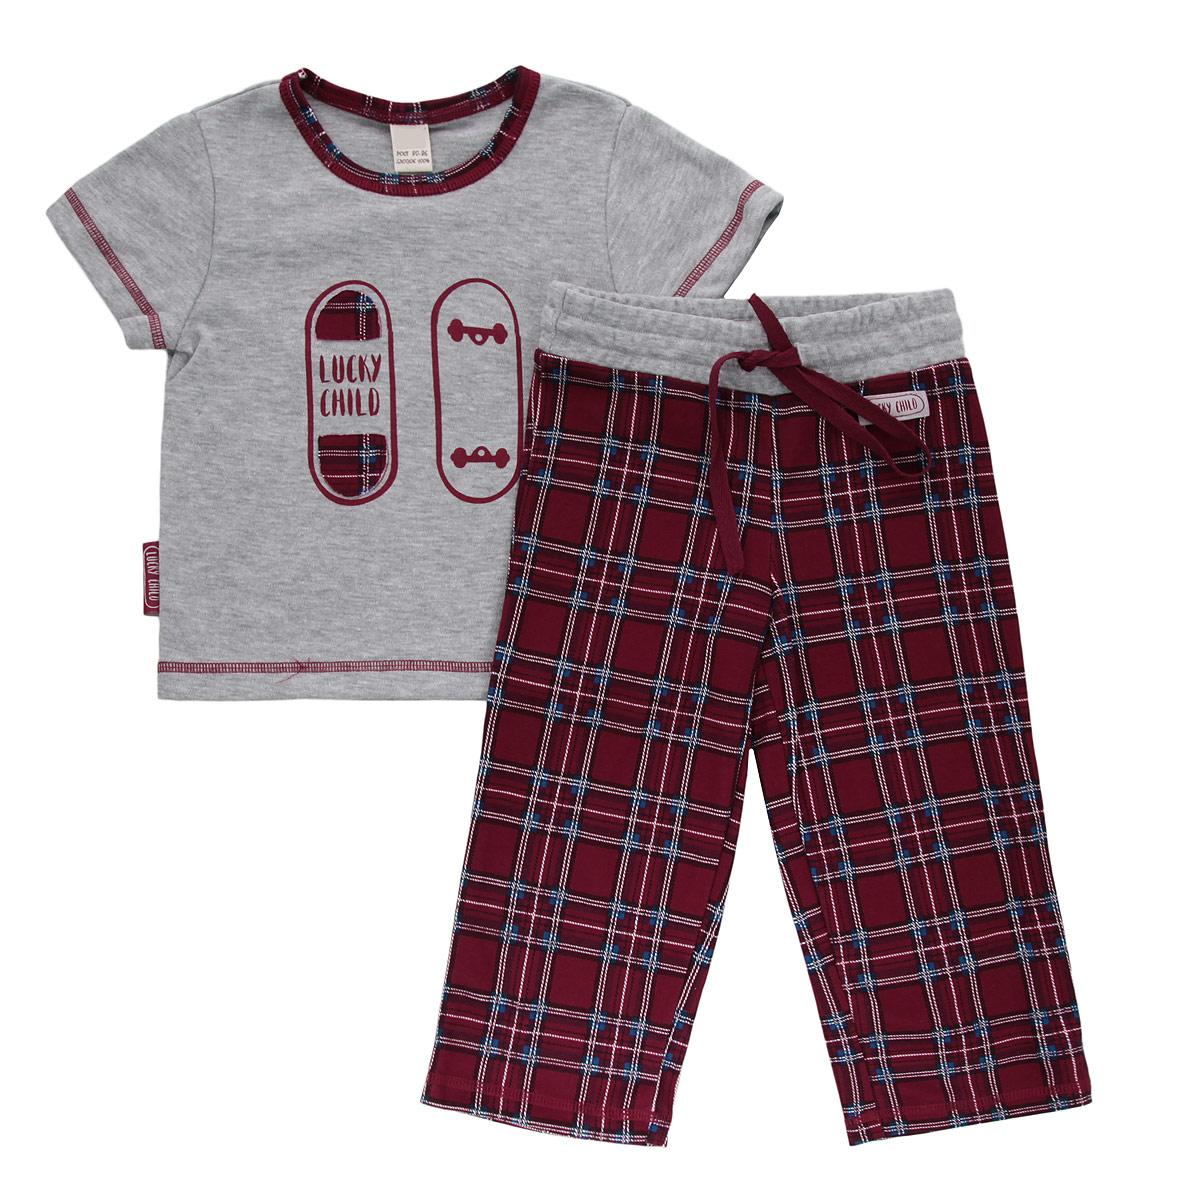 Пижама13-402Очаровательная пижама для мальчика Lucky Child, состоящая из футболки и брюк, идеально подойдет вашему малышу и станет отличным дополнением к детскому гардеробу. Изготовленная из натурального хлопка - интерлока, она необычайно мягкая и приятная на ощупь, не раздражает нежную кожу ребенка и хорошо вентилируется, а эластичные швы приятны телу малыша и не препятствуют его движениям. Футболка с короткими рукавами и круглым вырезом горловины оформлена спереди оригинальной аппликацией и принтом с изображением скейтборда. Вырез горловины дополнен контрастной бейкой, оформленной принтом в клетку. Низ рукавов и низ модели украшены контрастной фигурной прострочкой. Брюки прямого кроя на талии имеют широкий эластичный пояс со шнурком, благодаря чему они не сдавливают животик ребенка и не сползают. Оформлены брюки принтом в клетку и украшены небольшой нашивкой с названием бренда. Такая пижама идеально подойдет вашему малышу, а мягкие полотна позволят маленькому непоседе...